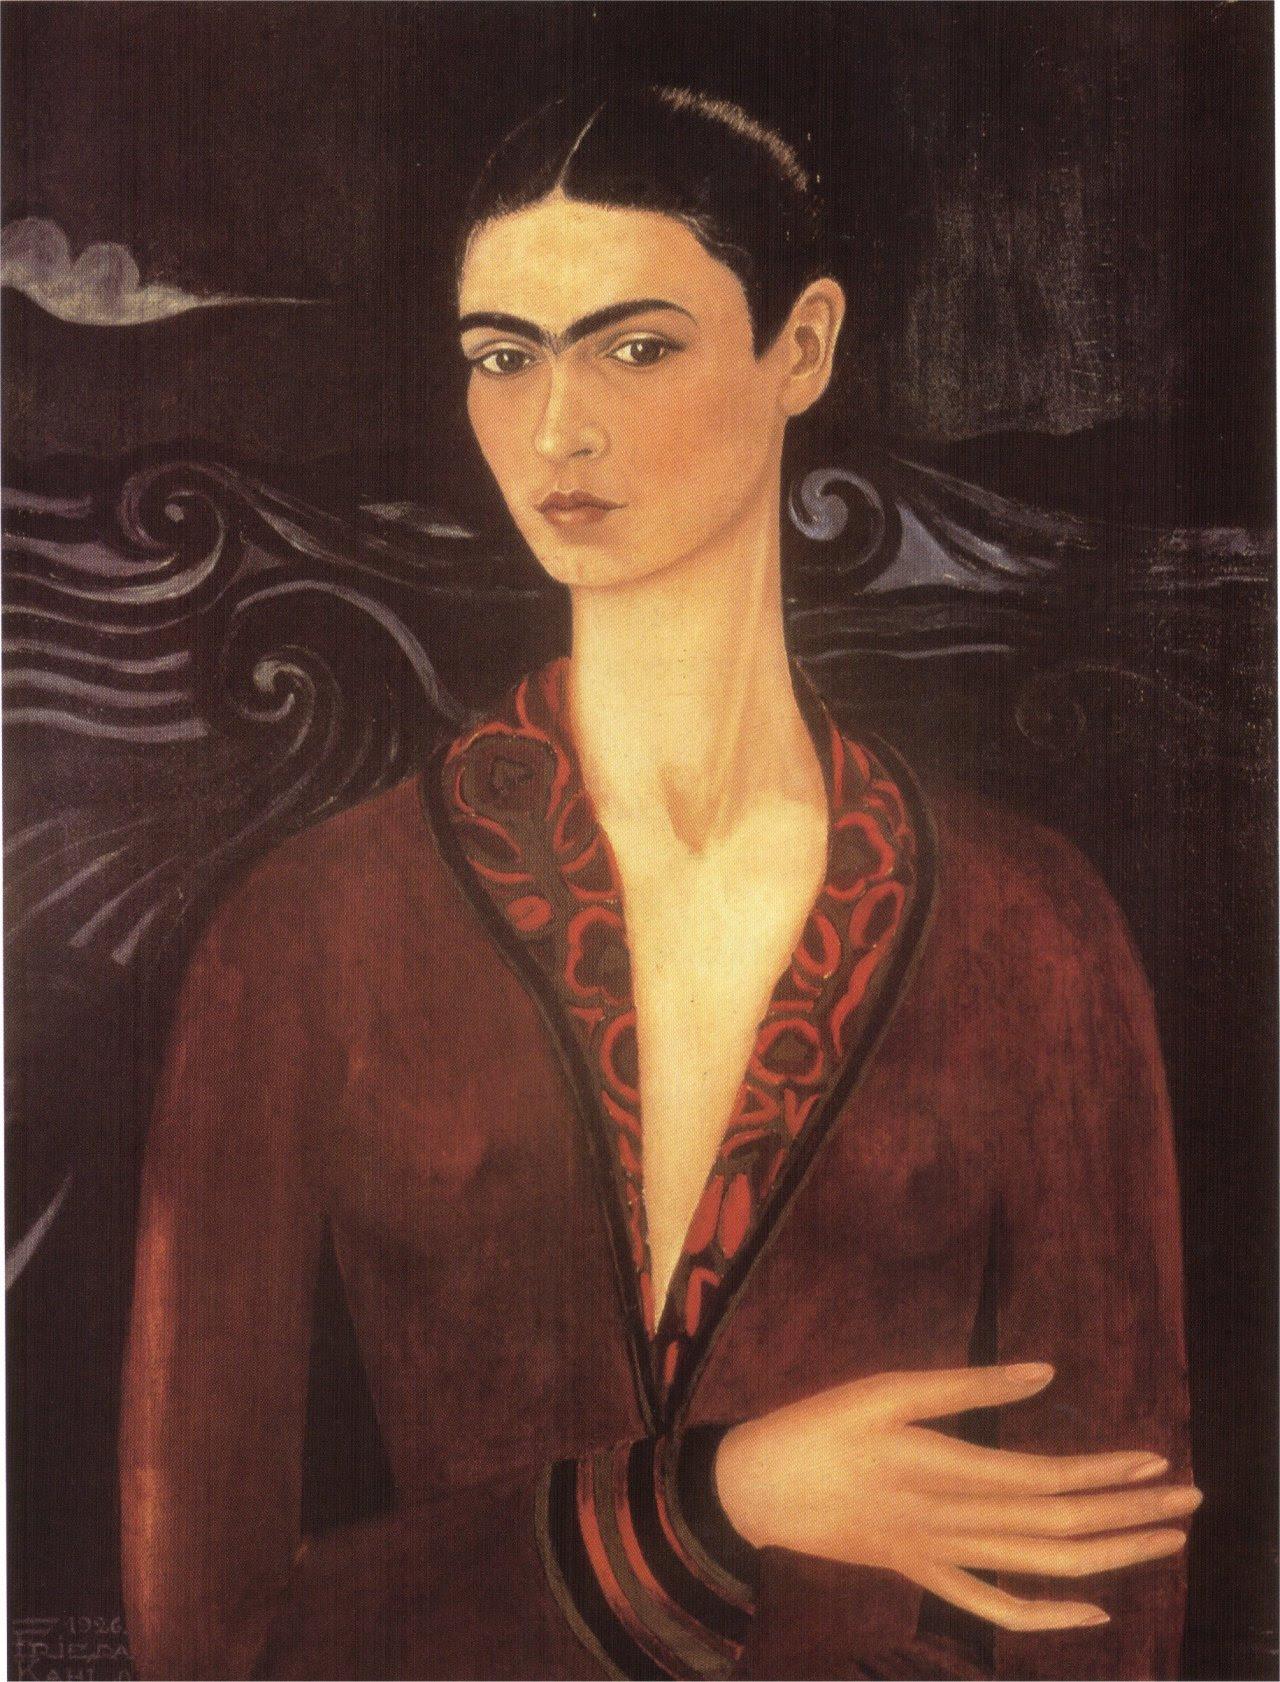 fridakahlo-art:Self-portrait in a Velvet Dress, 1926 Frida Kahlo